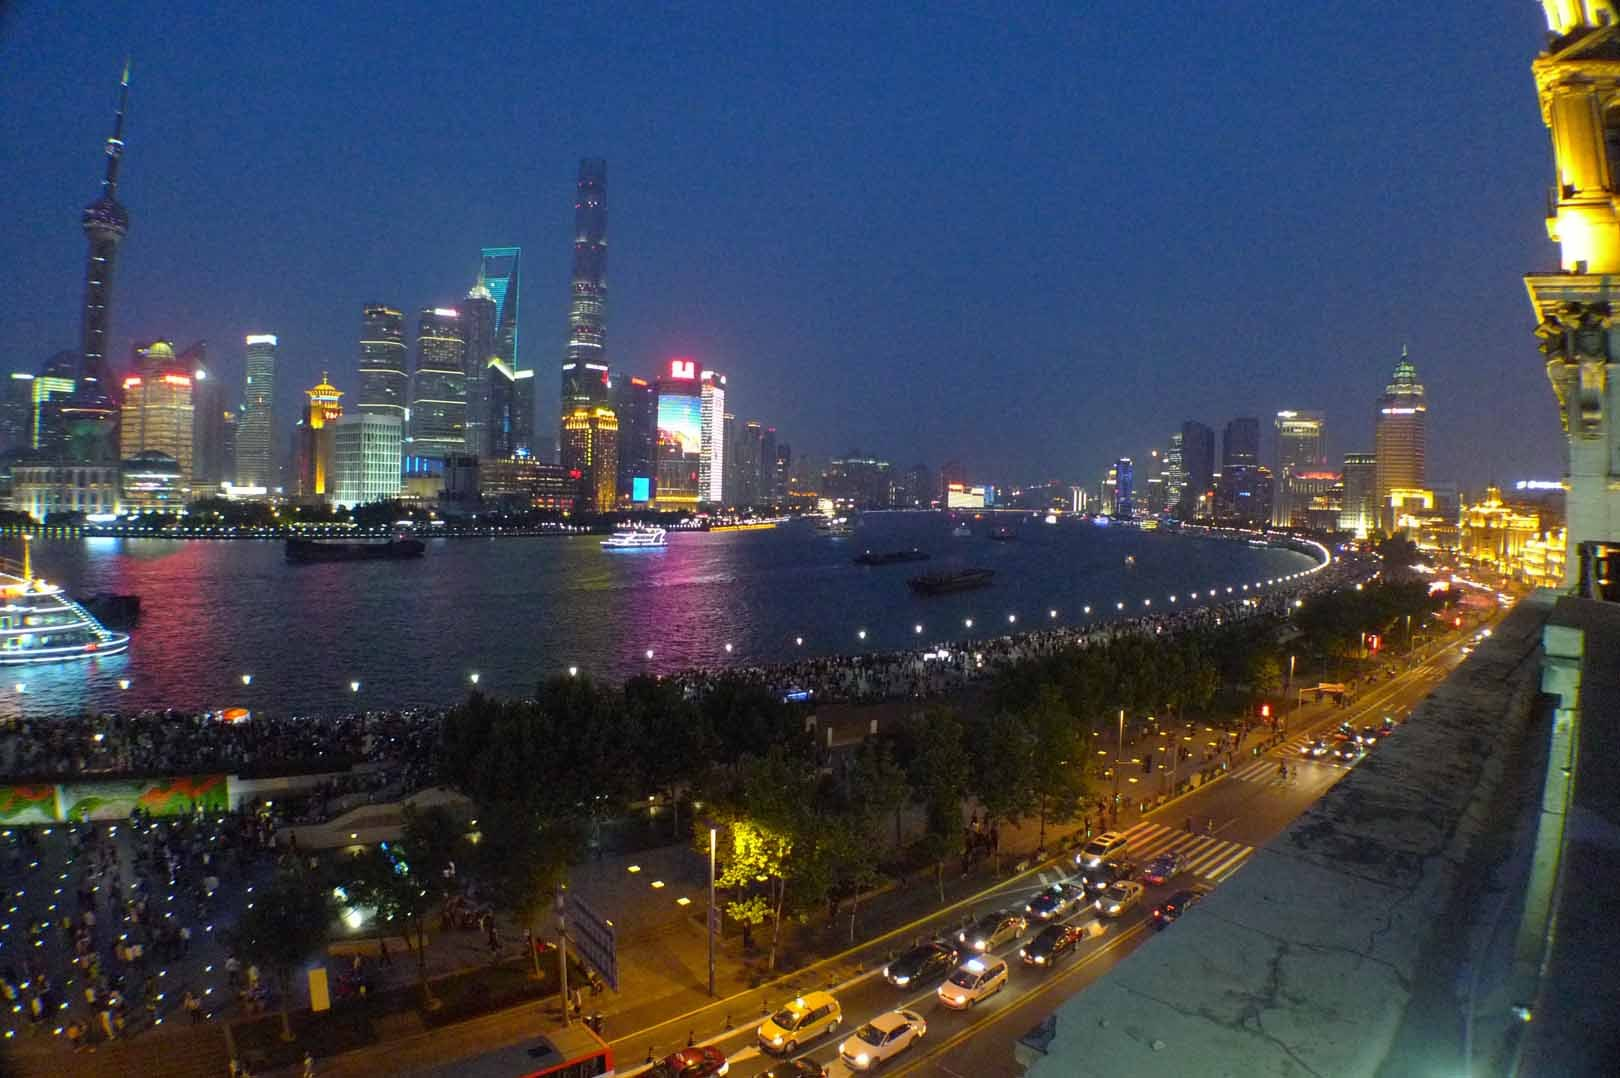 Shanghai_Hotspots_Slideshow_009